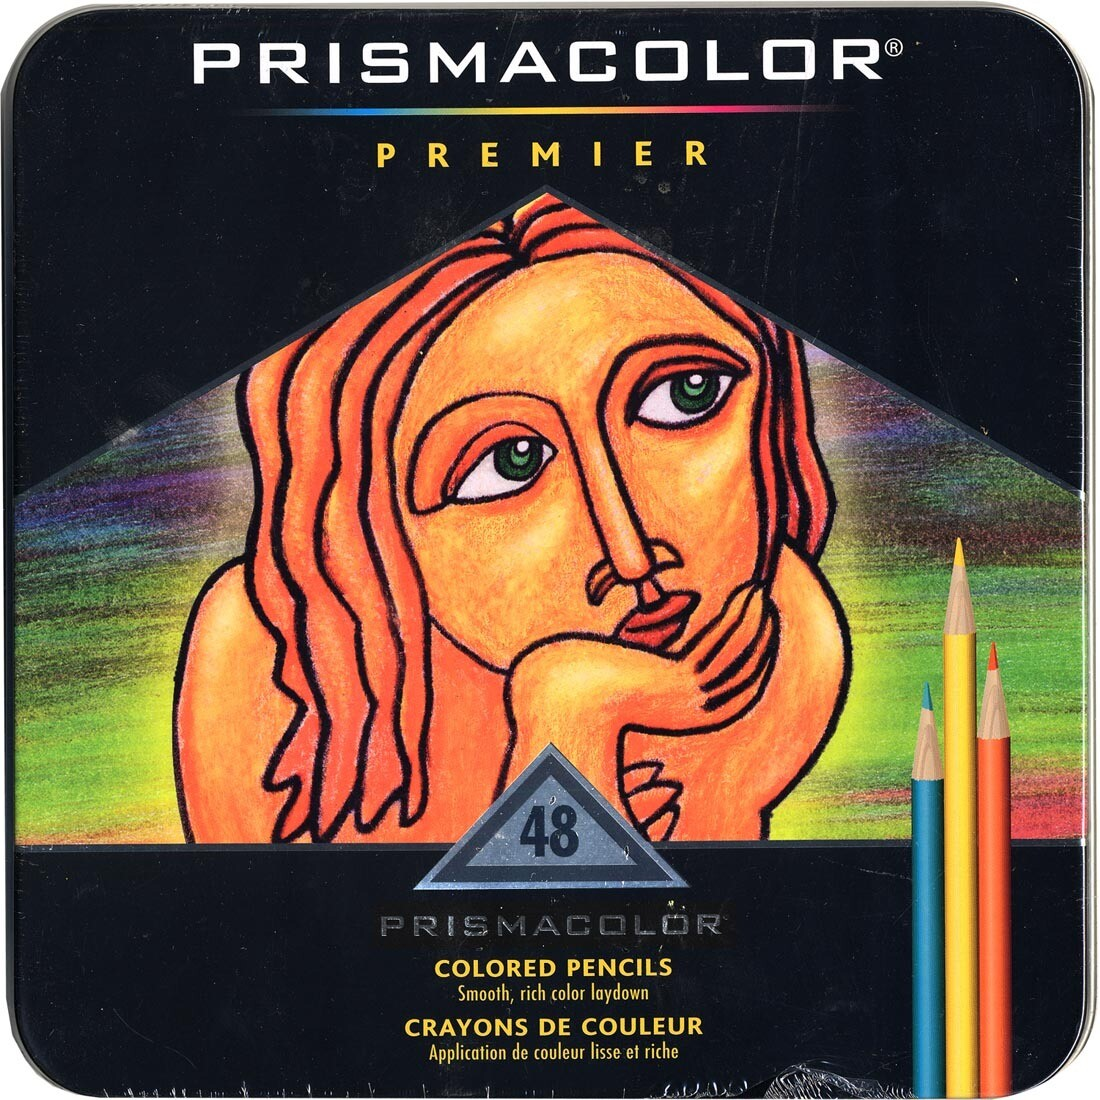 Prismacolor Premier Colored Pencils, Pk- 48 Colors